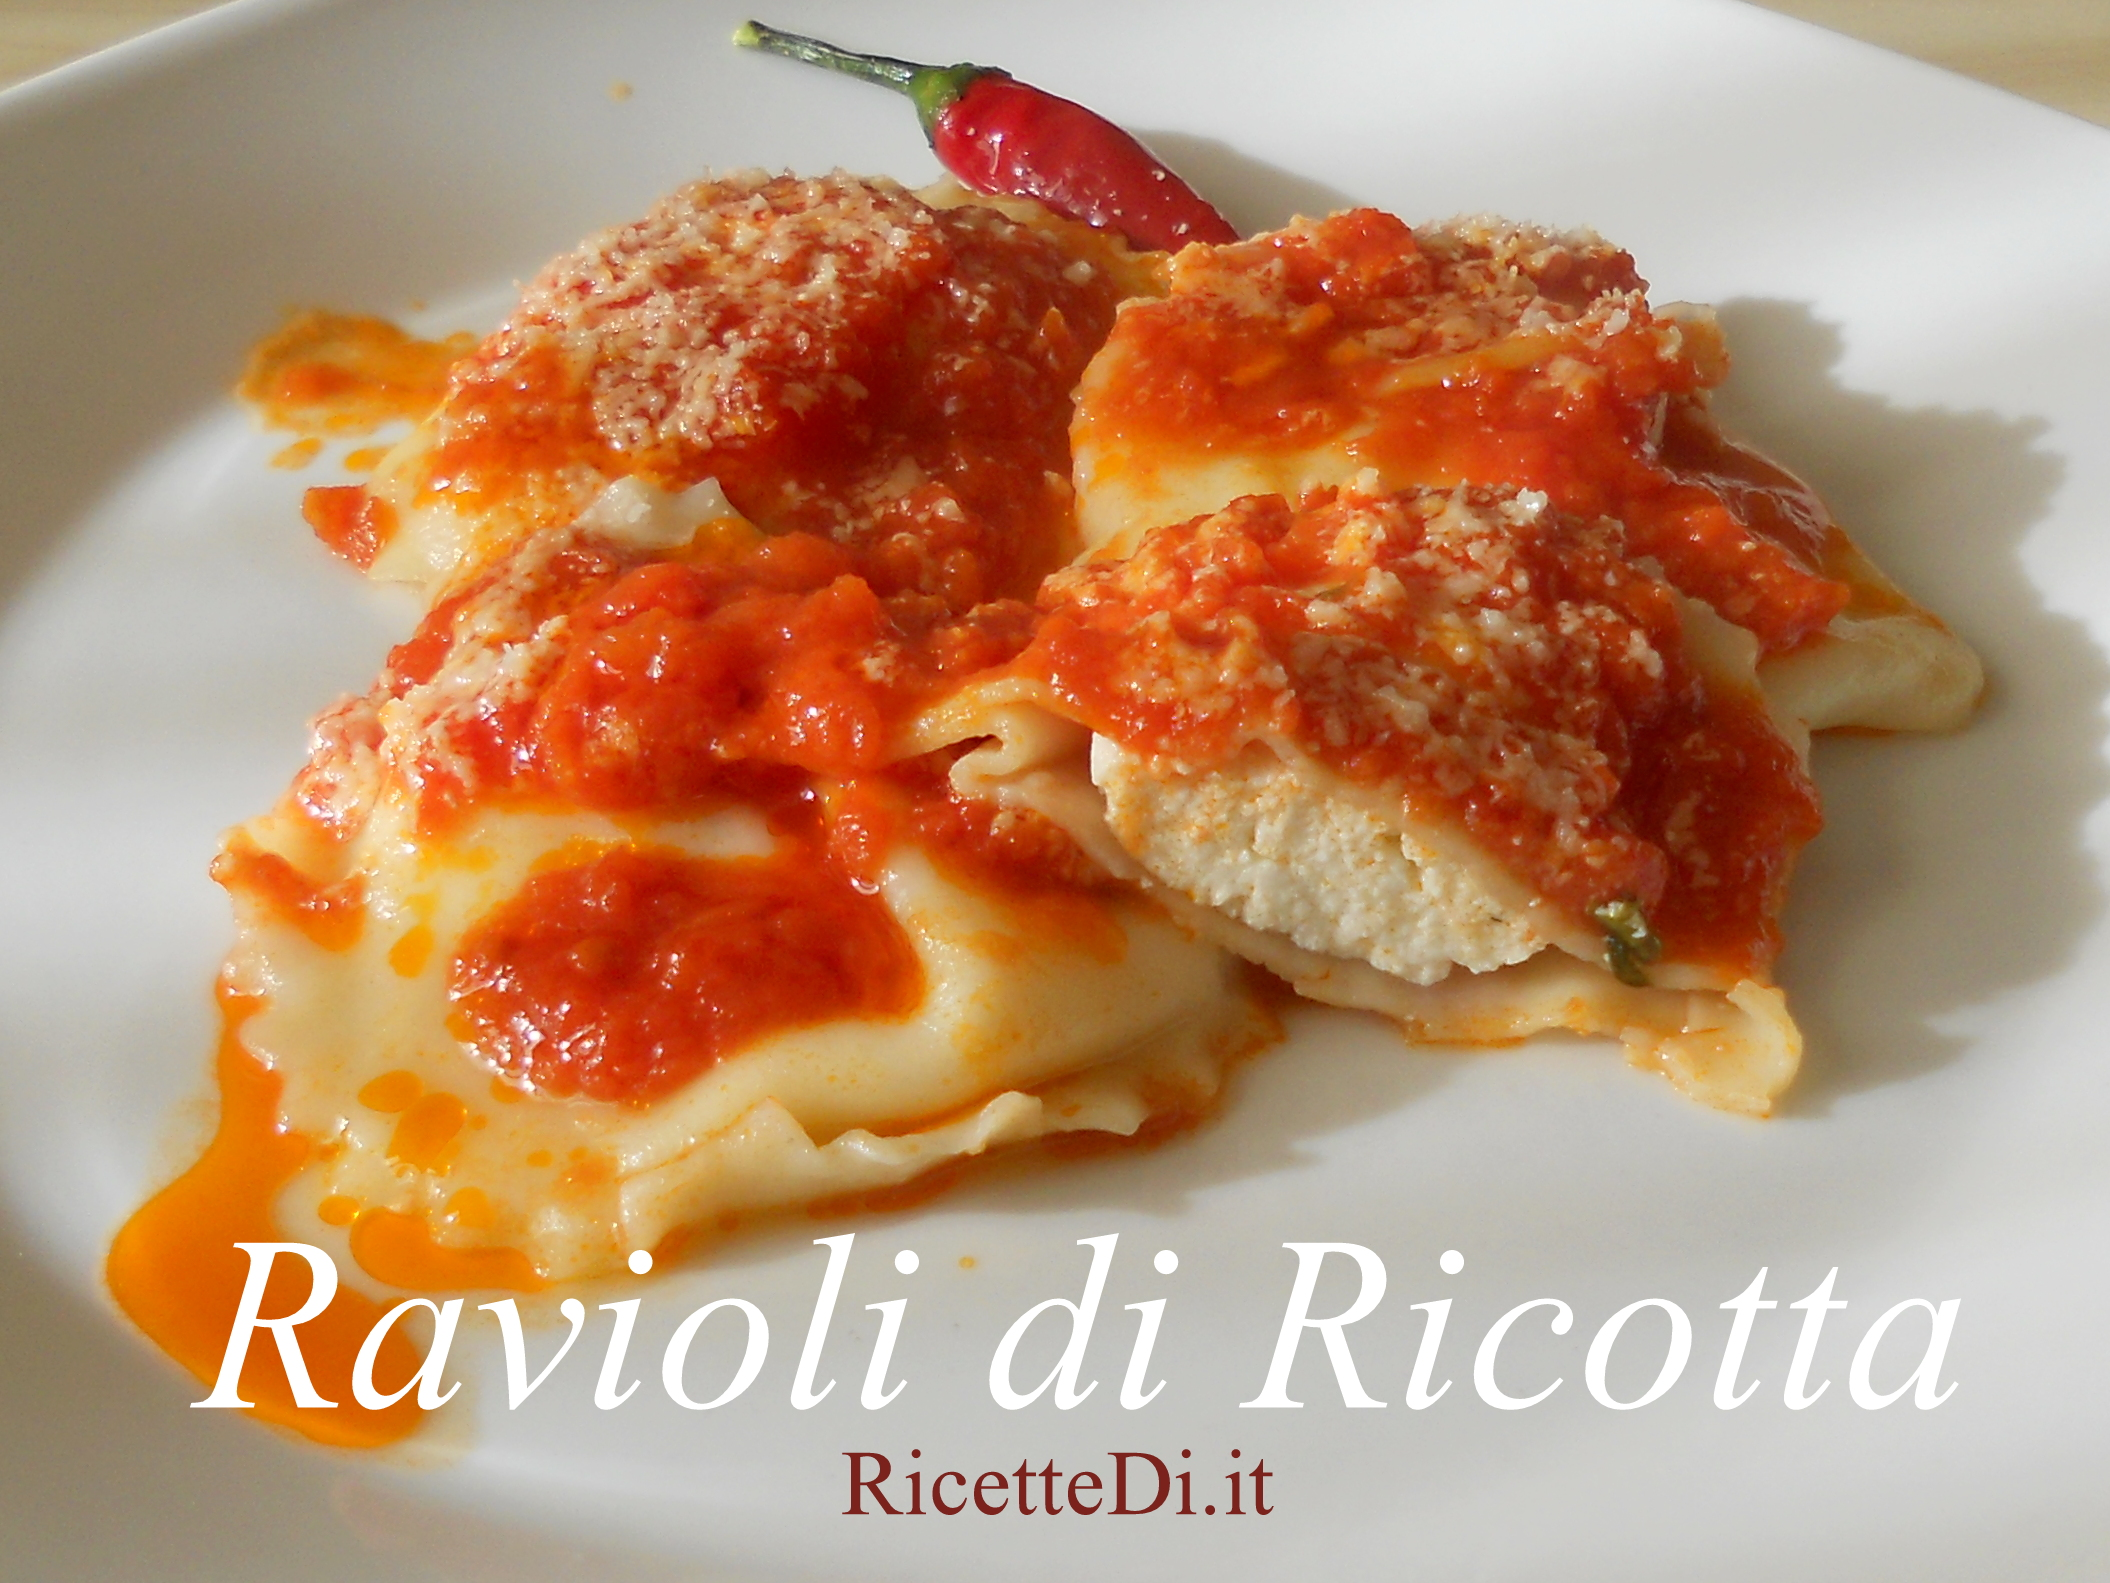 Ricetta Ravioli Con Ricotta.Ravioli Di Ricotta Ricettedi It